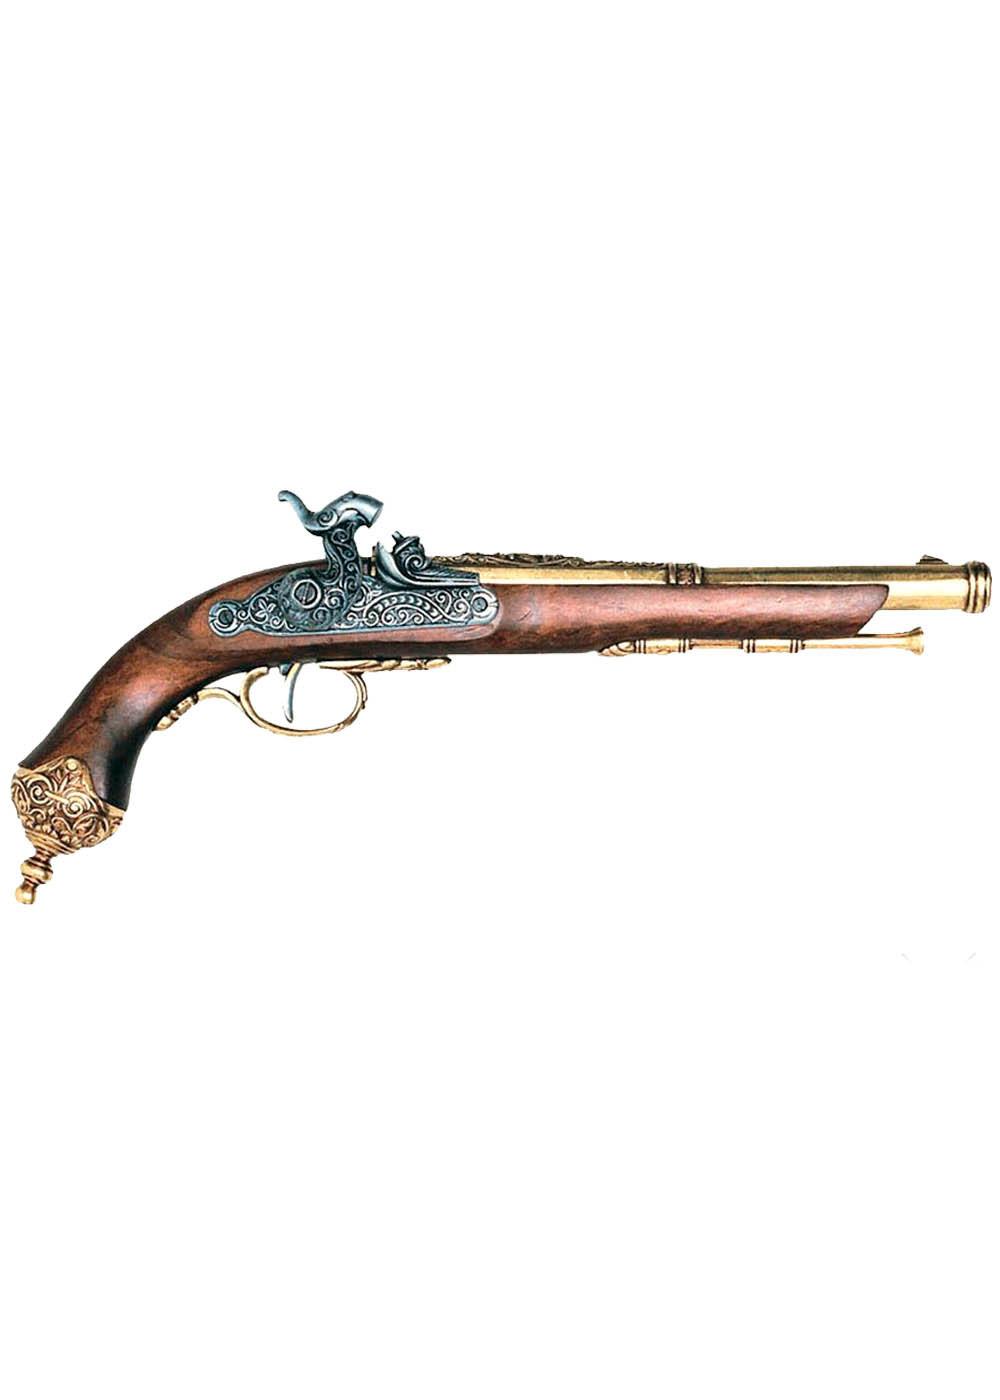 Перкуссионный пистолет, Брешиа (Италия), 1825 г.